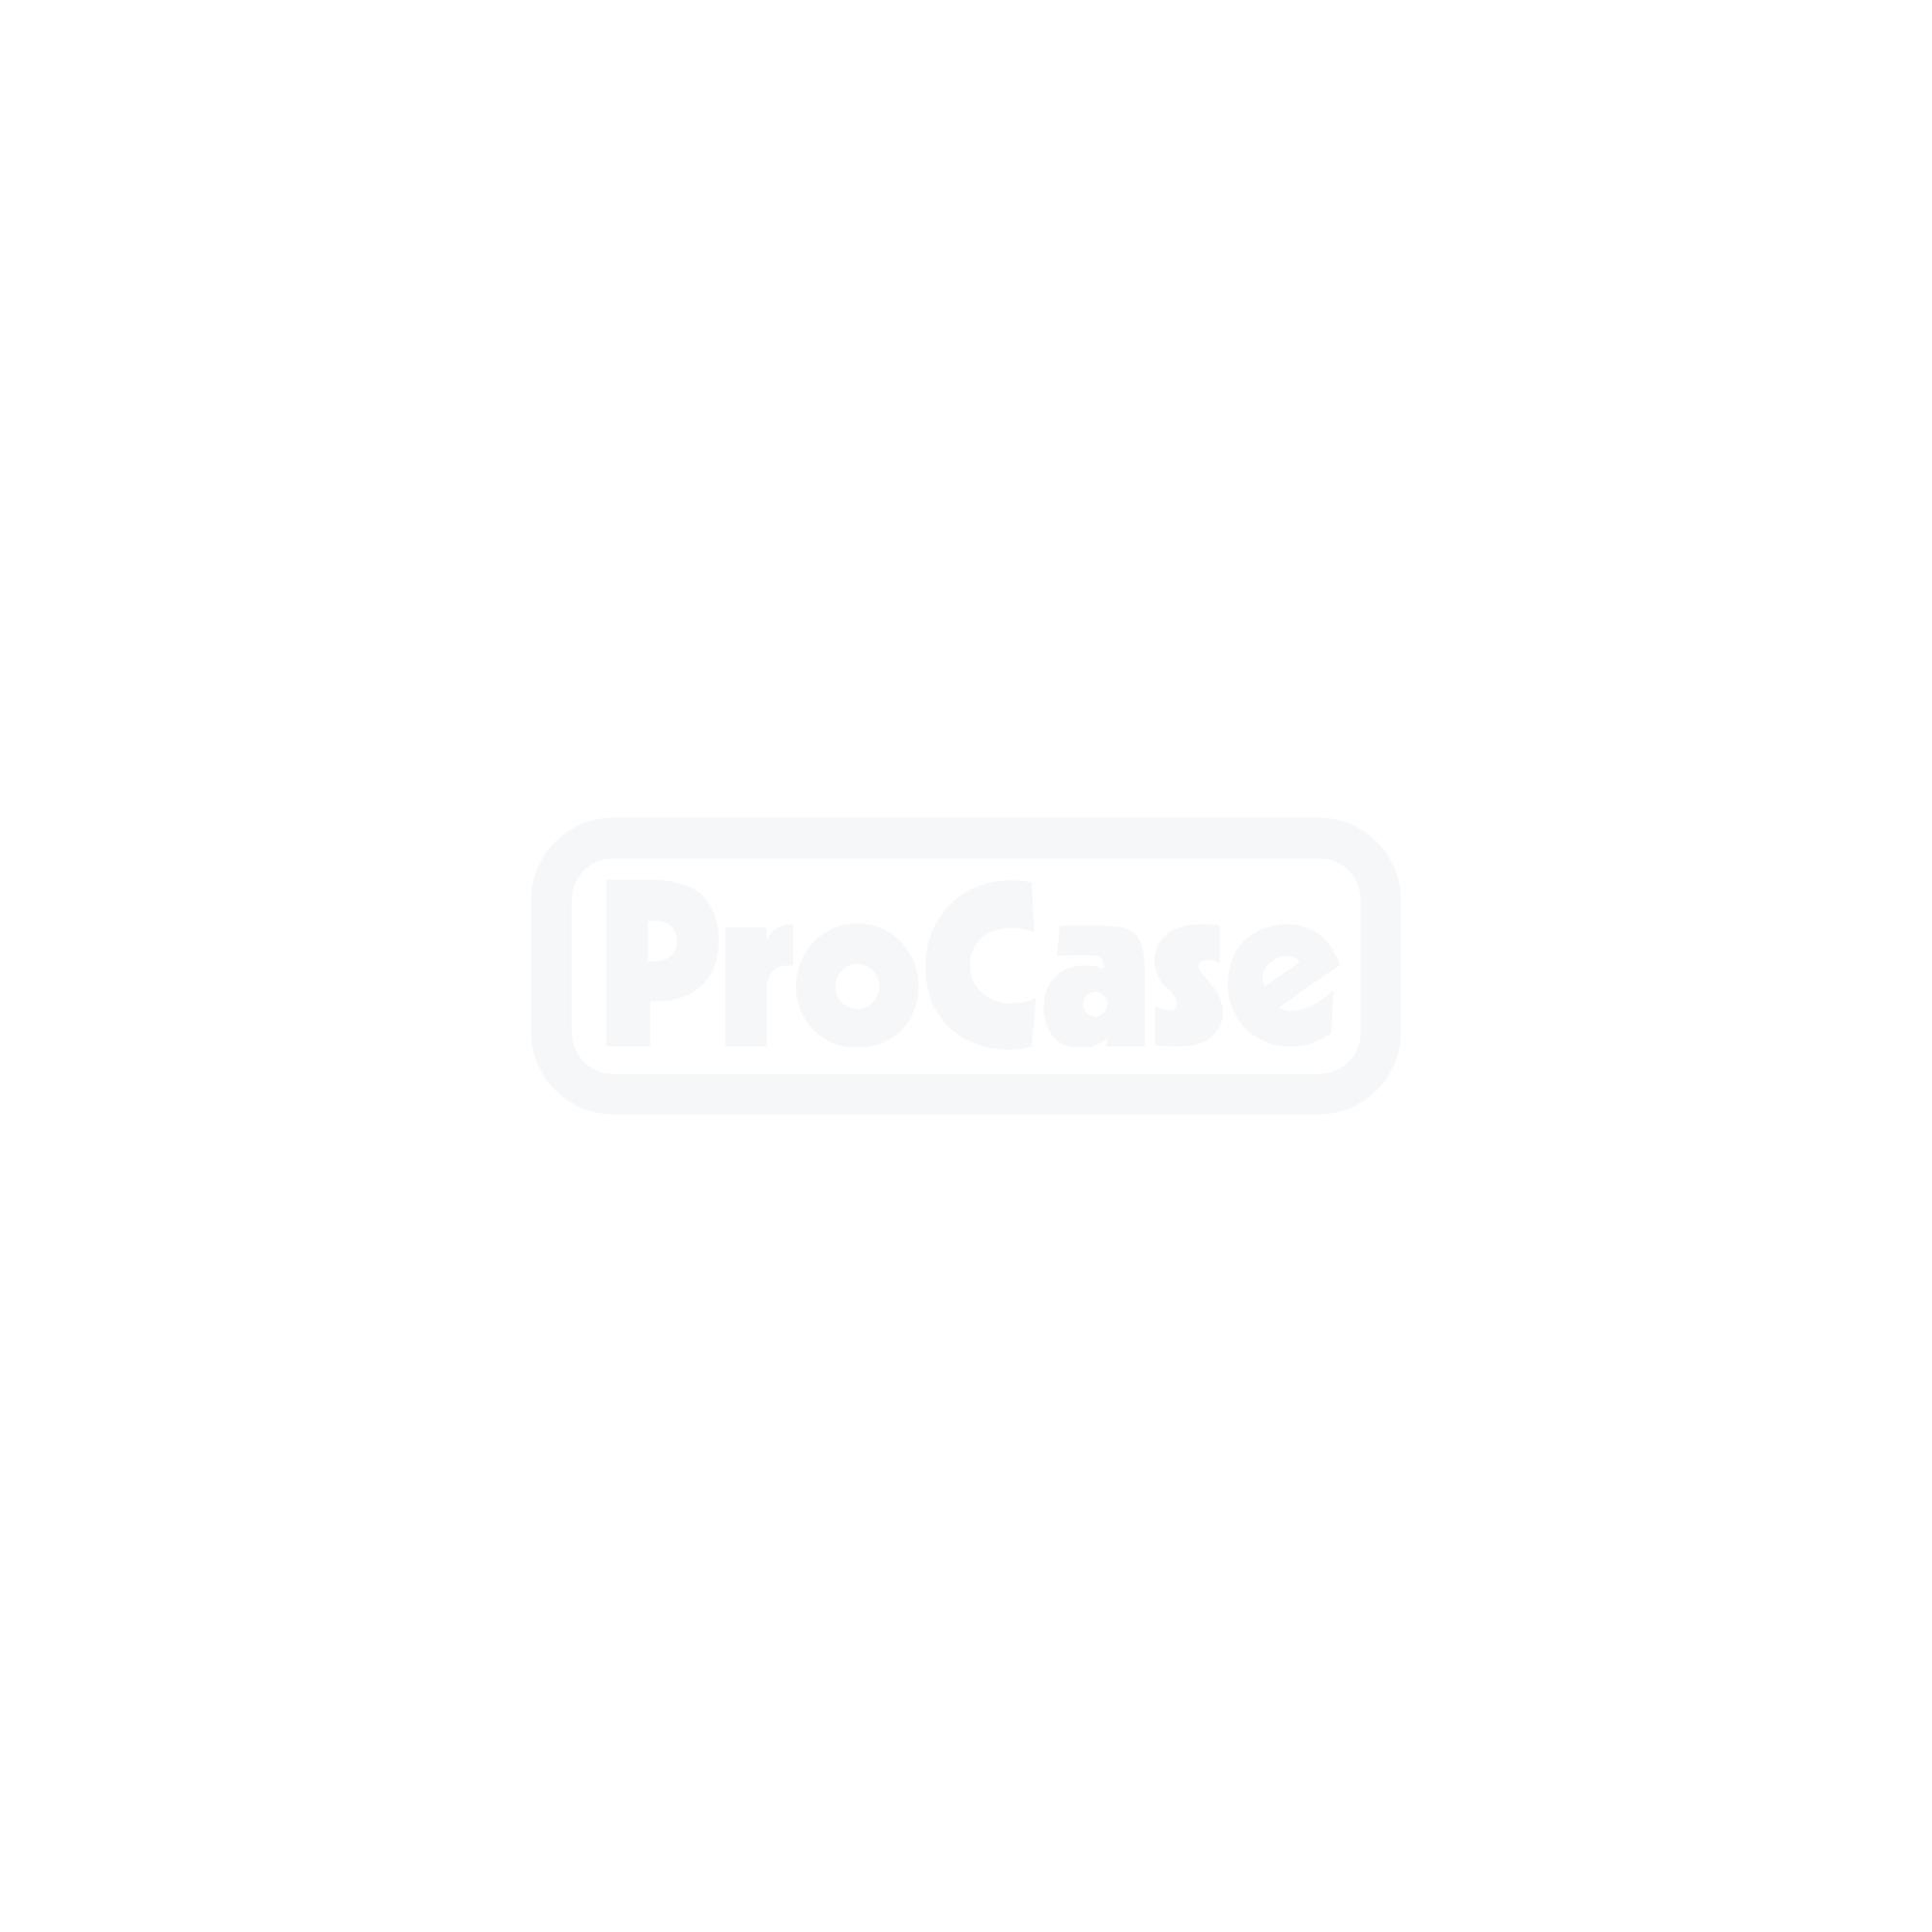 Flightcase für 2 Arri True Blue ST-2 2KW Fresnel